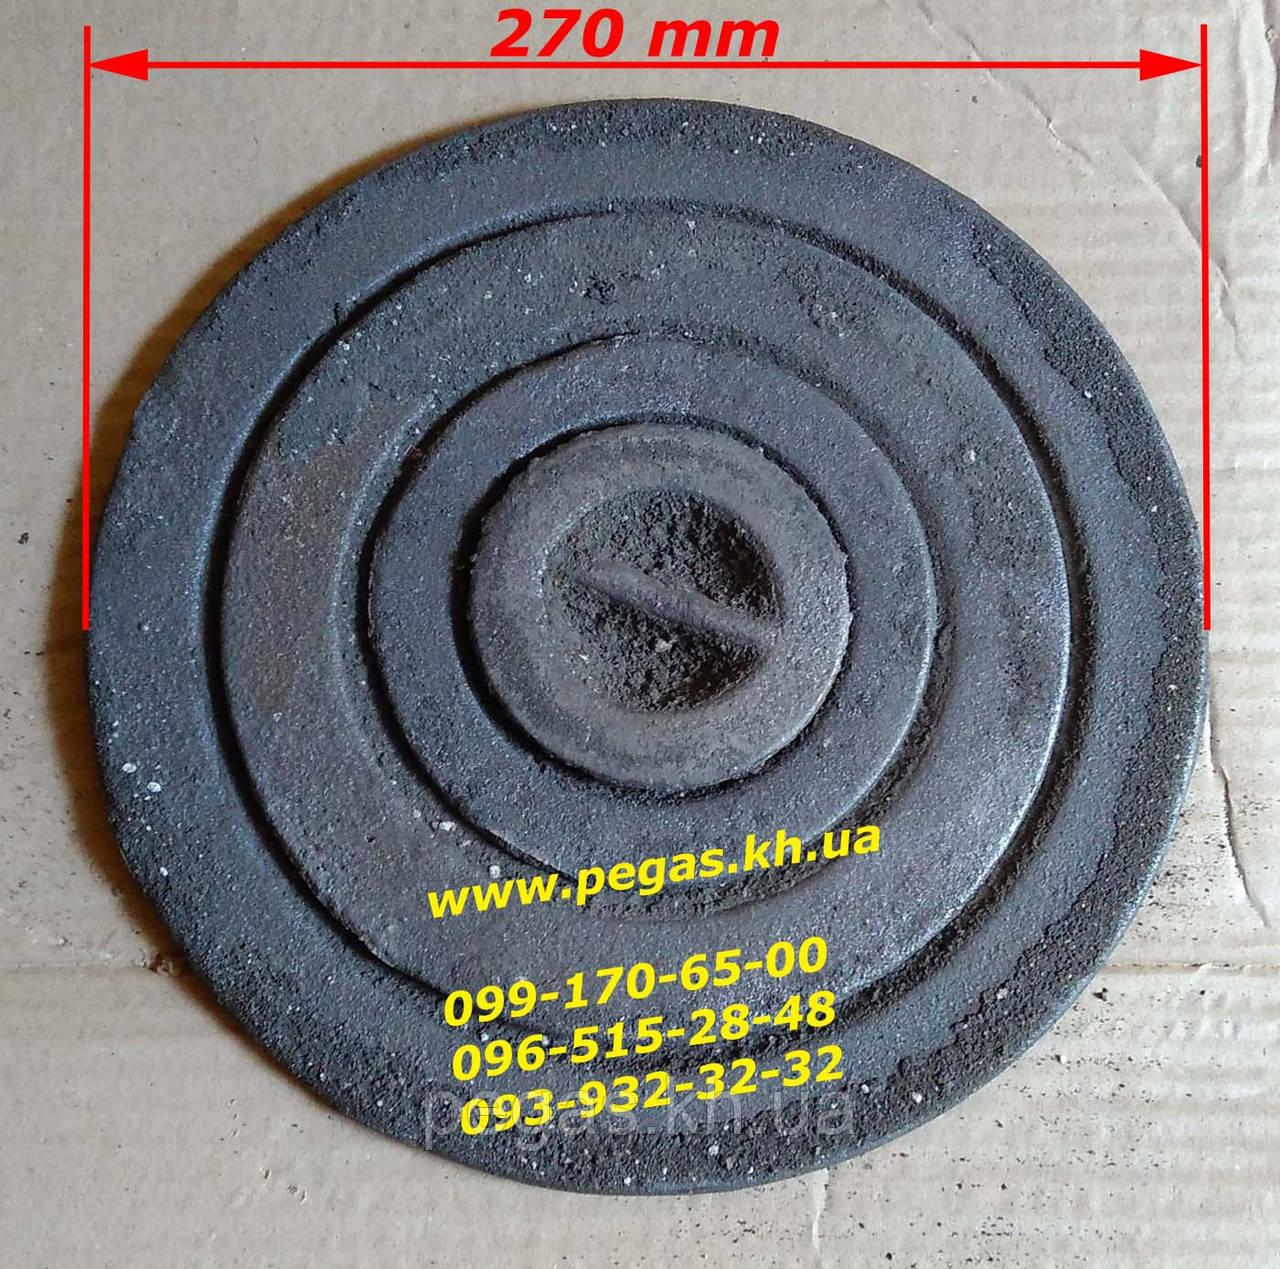 Конфорки, кольца чугунные (набор) буржуйка, печи, котлы, барбекю, мангал (270 мм)